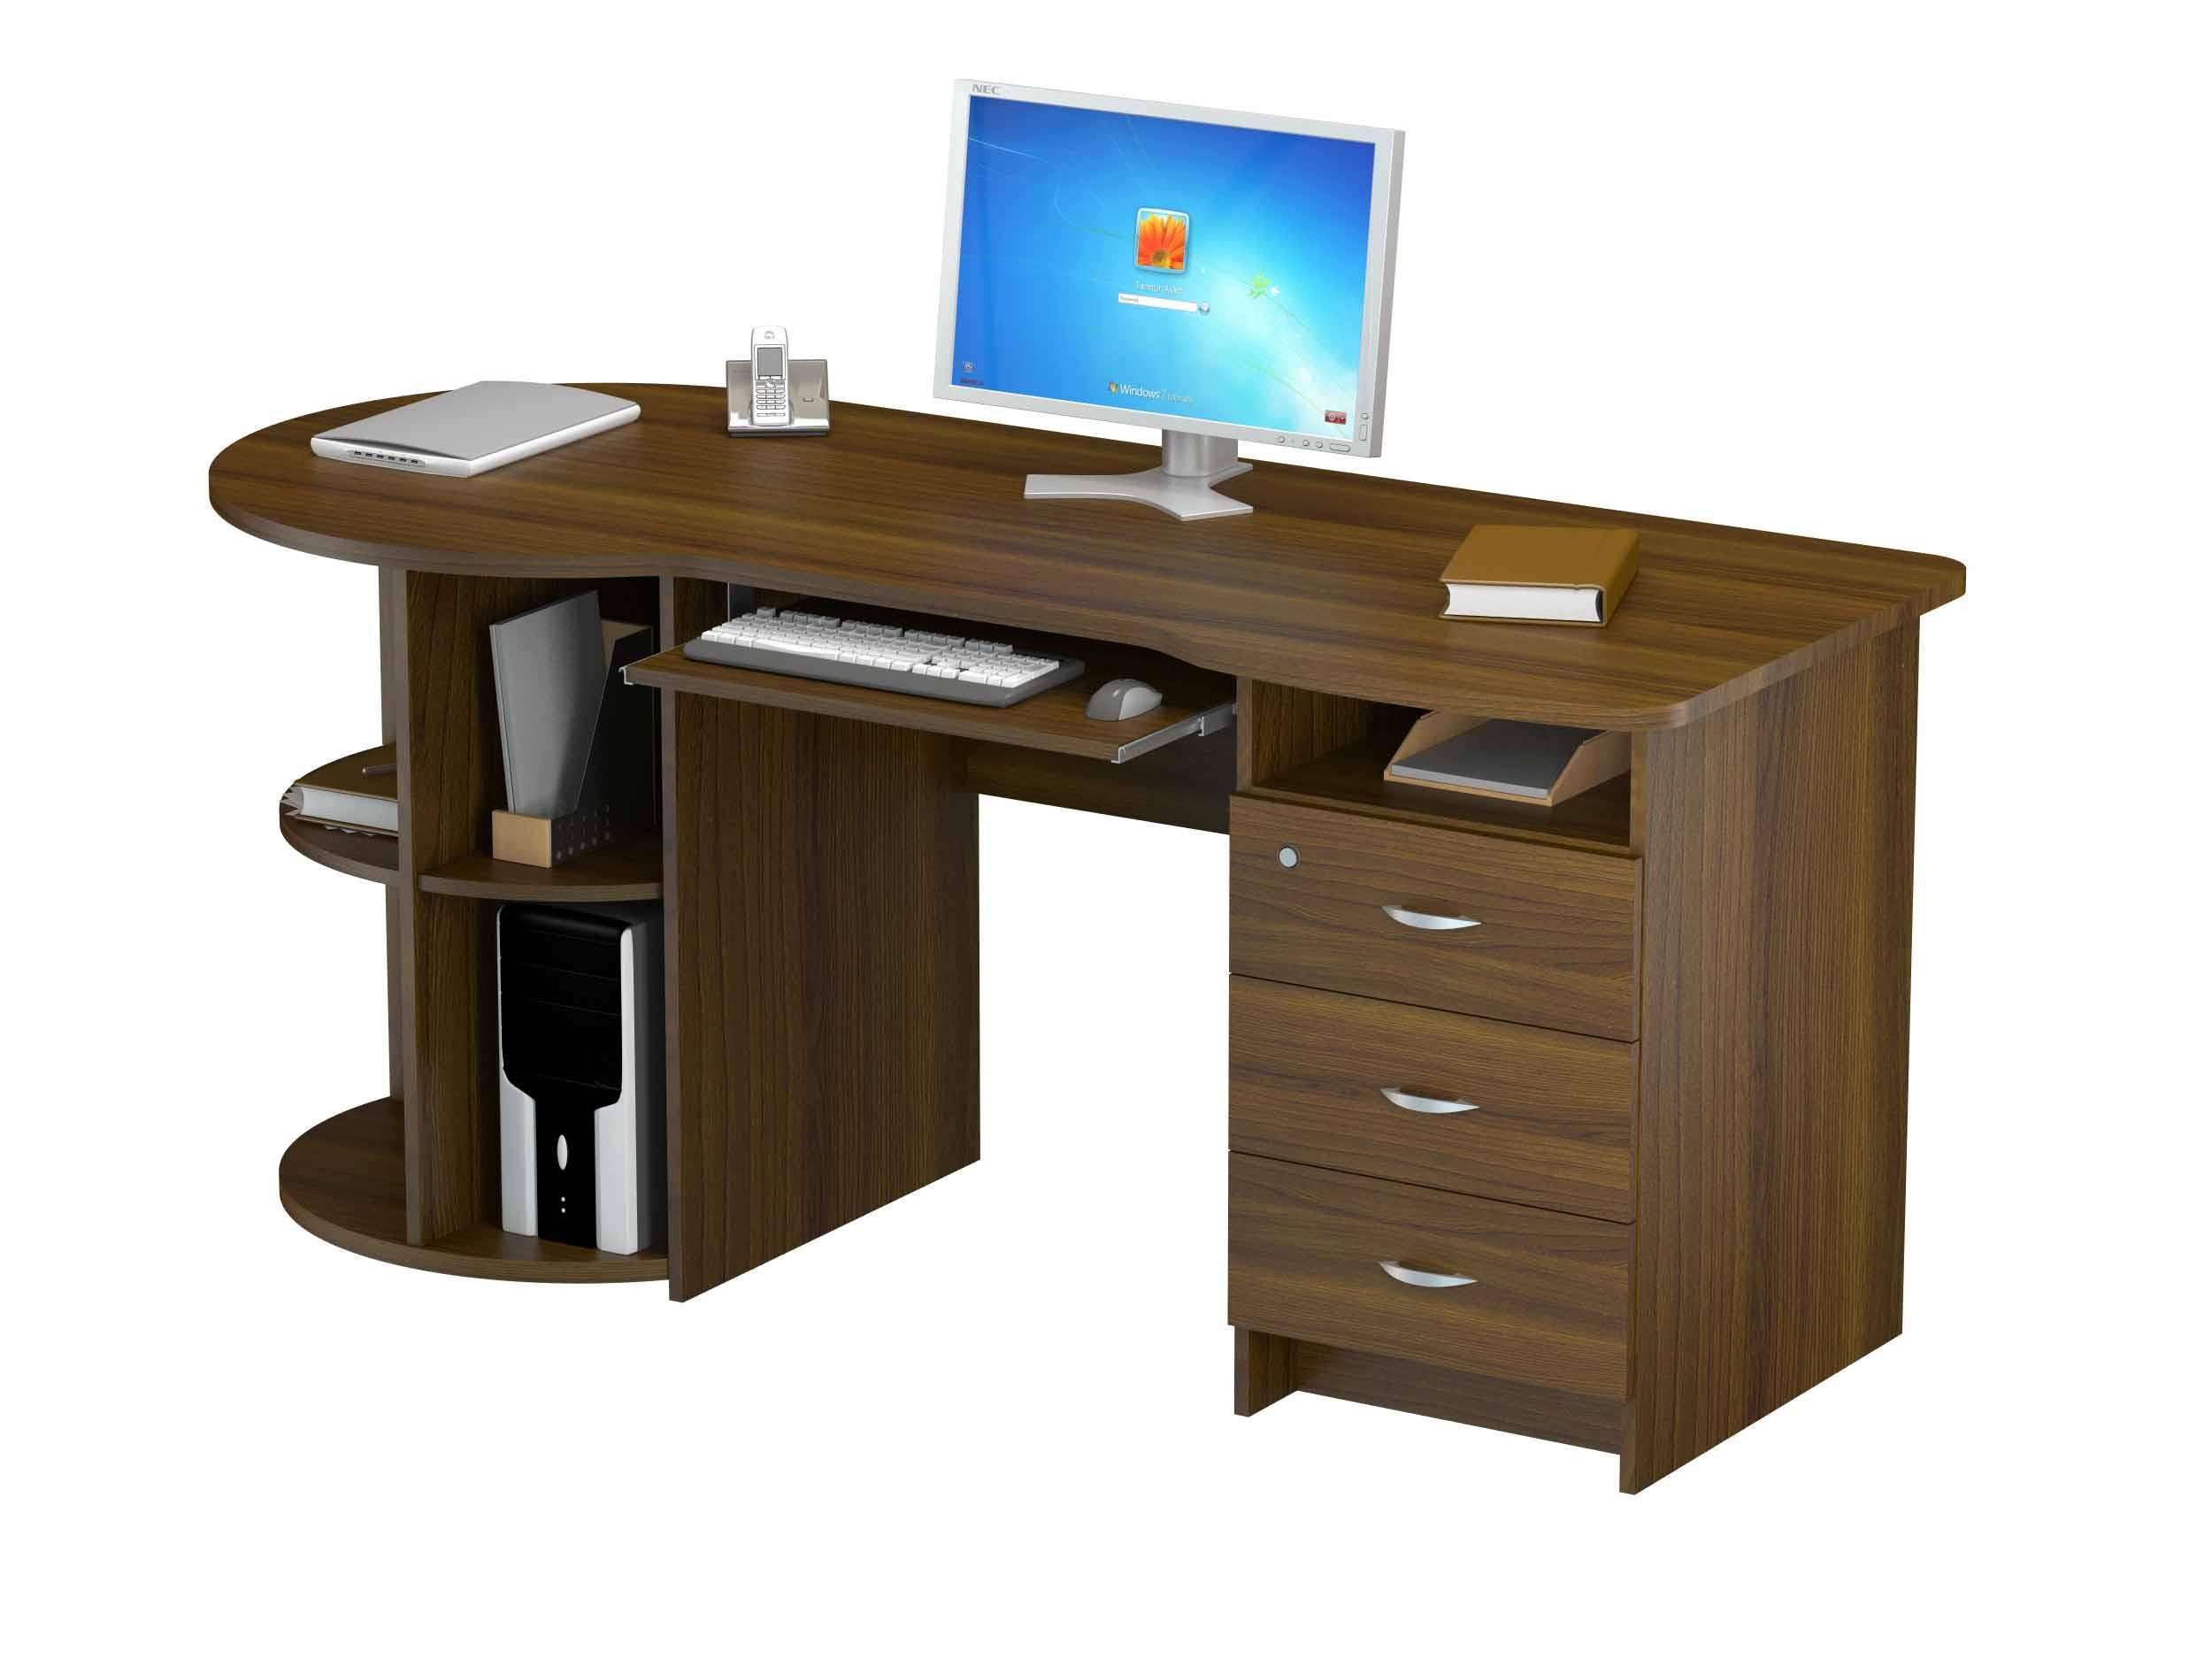 Стол компьютерный пс 40-02 м1 купить в спб по цене производи.